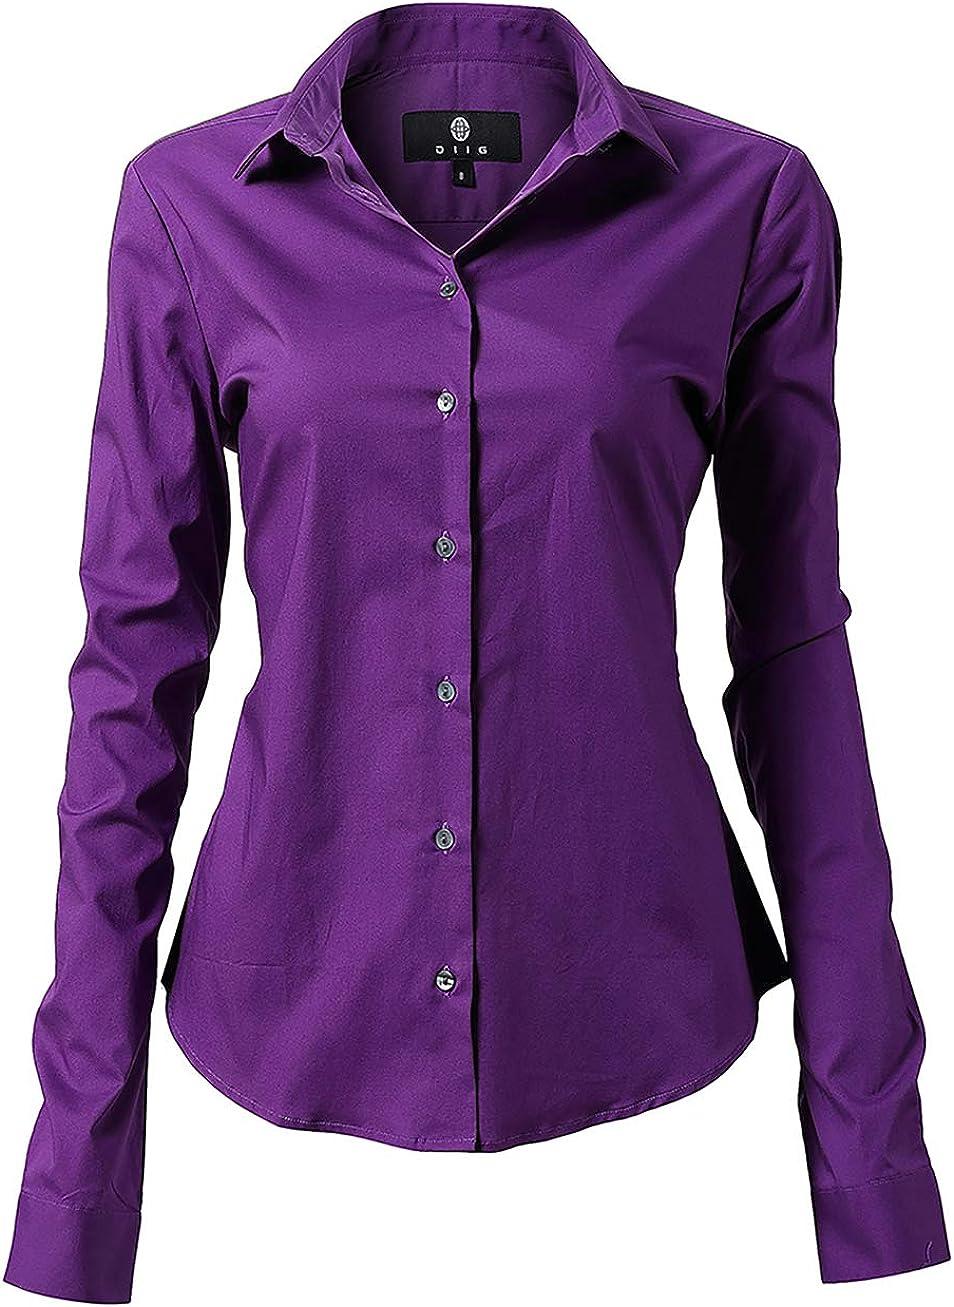 diig Women Dress Shirt - Long Sleeve Cotton Button Down Blouse, Purple 16